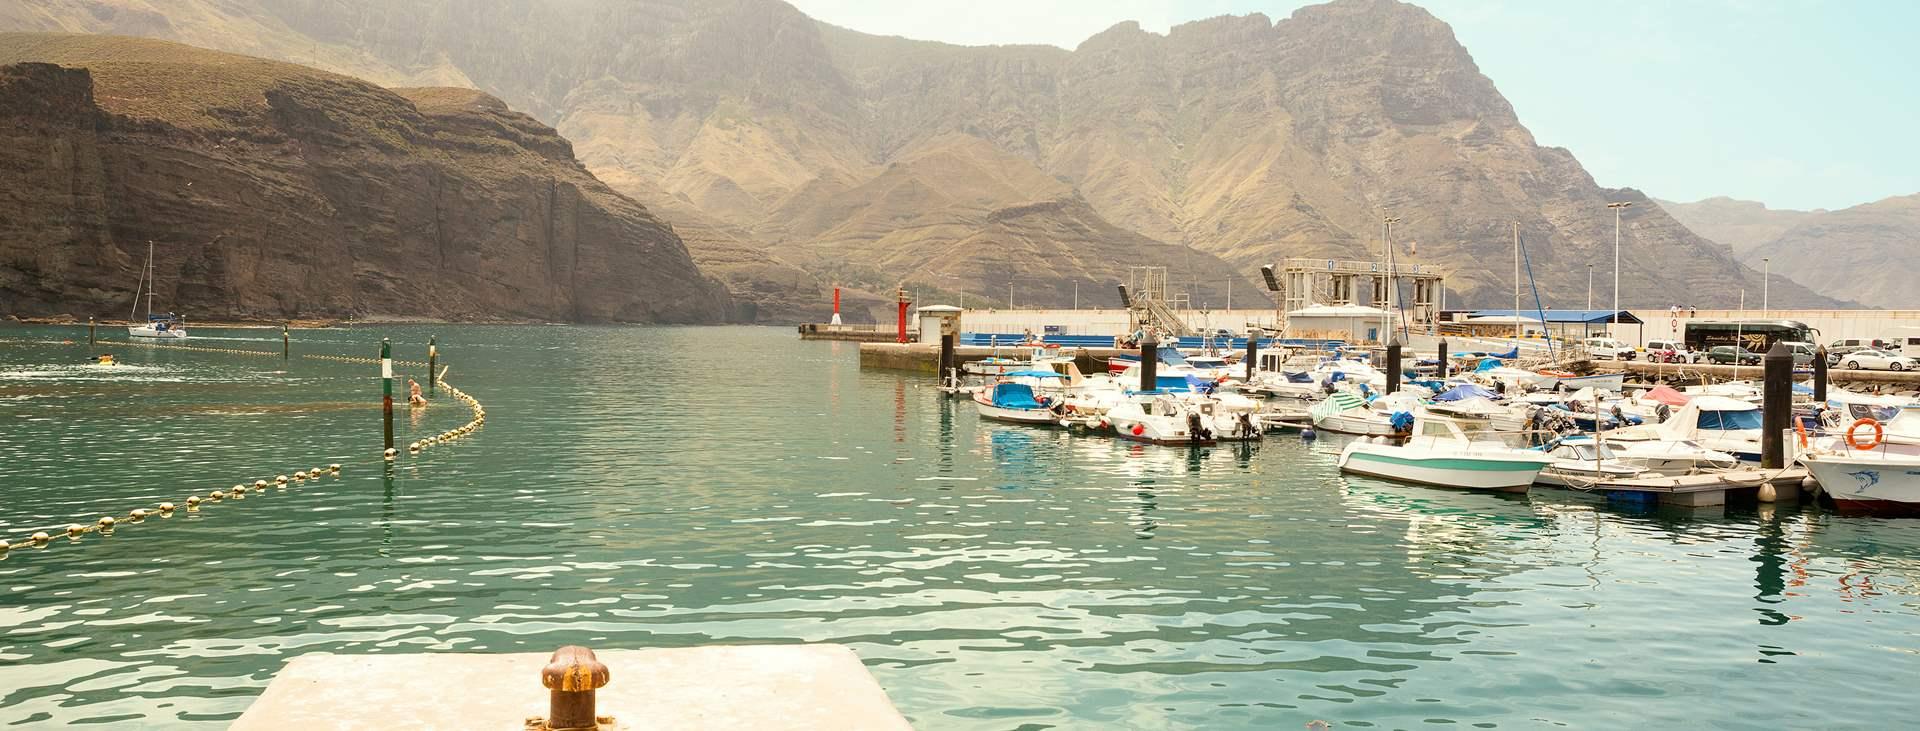 Boka din resa till Agaete på Gran Canaria med Ving